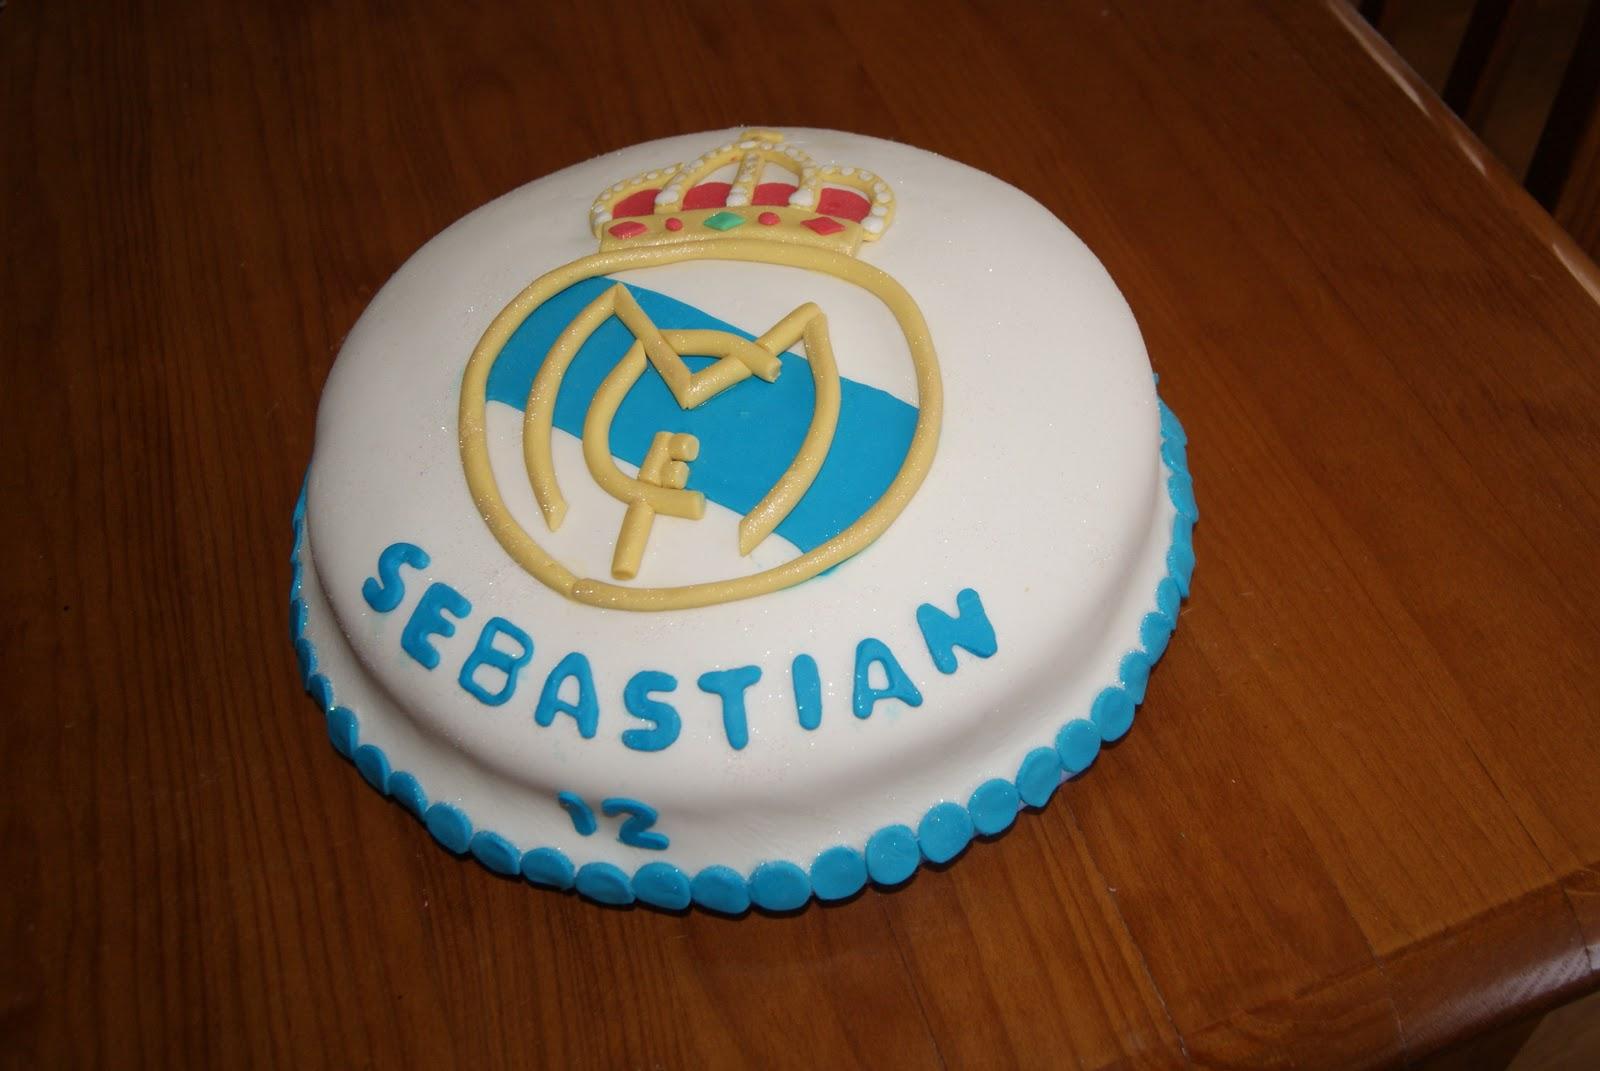 Decoraci n para fiestas en icopor poliespan tartas y - Hogar y decoracion madrid ...